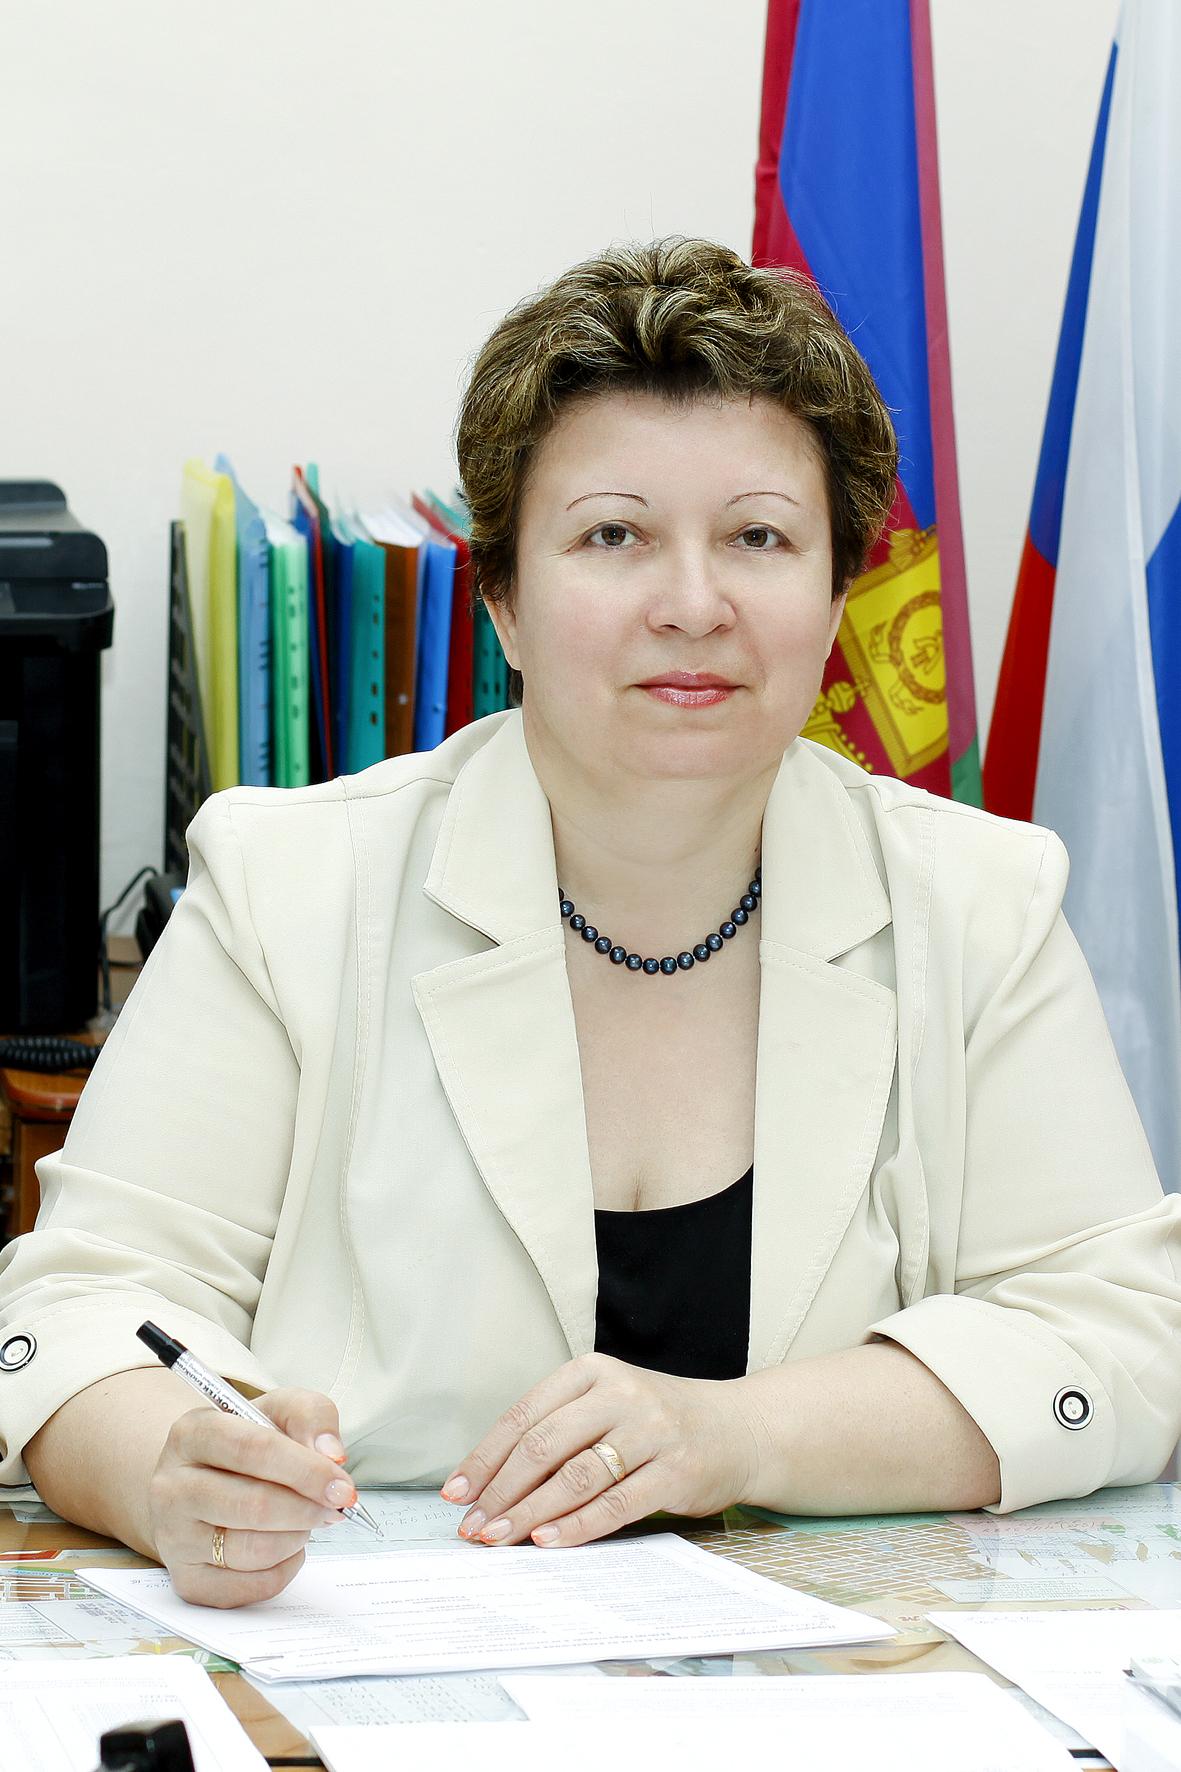 Шутенко Ирина Вадимовна